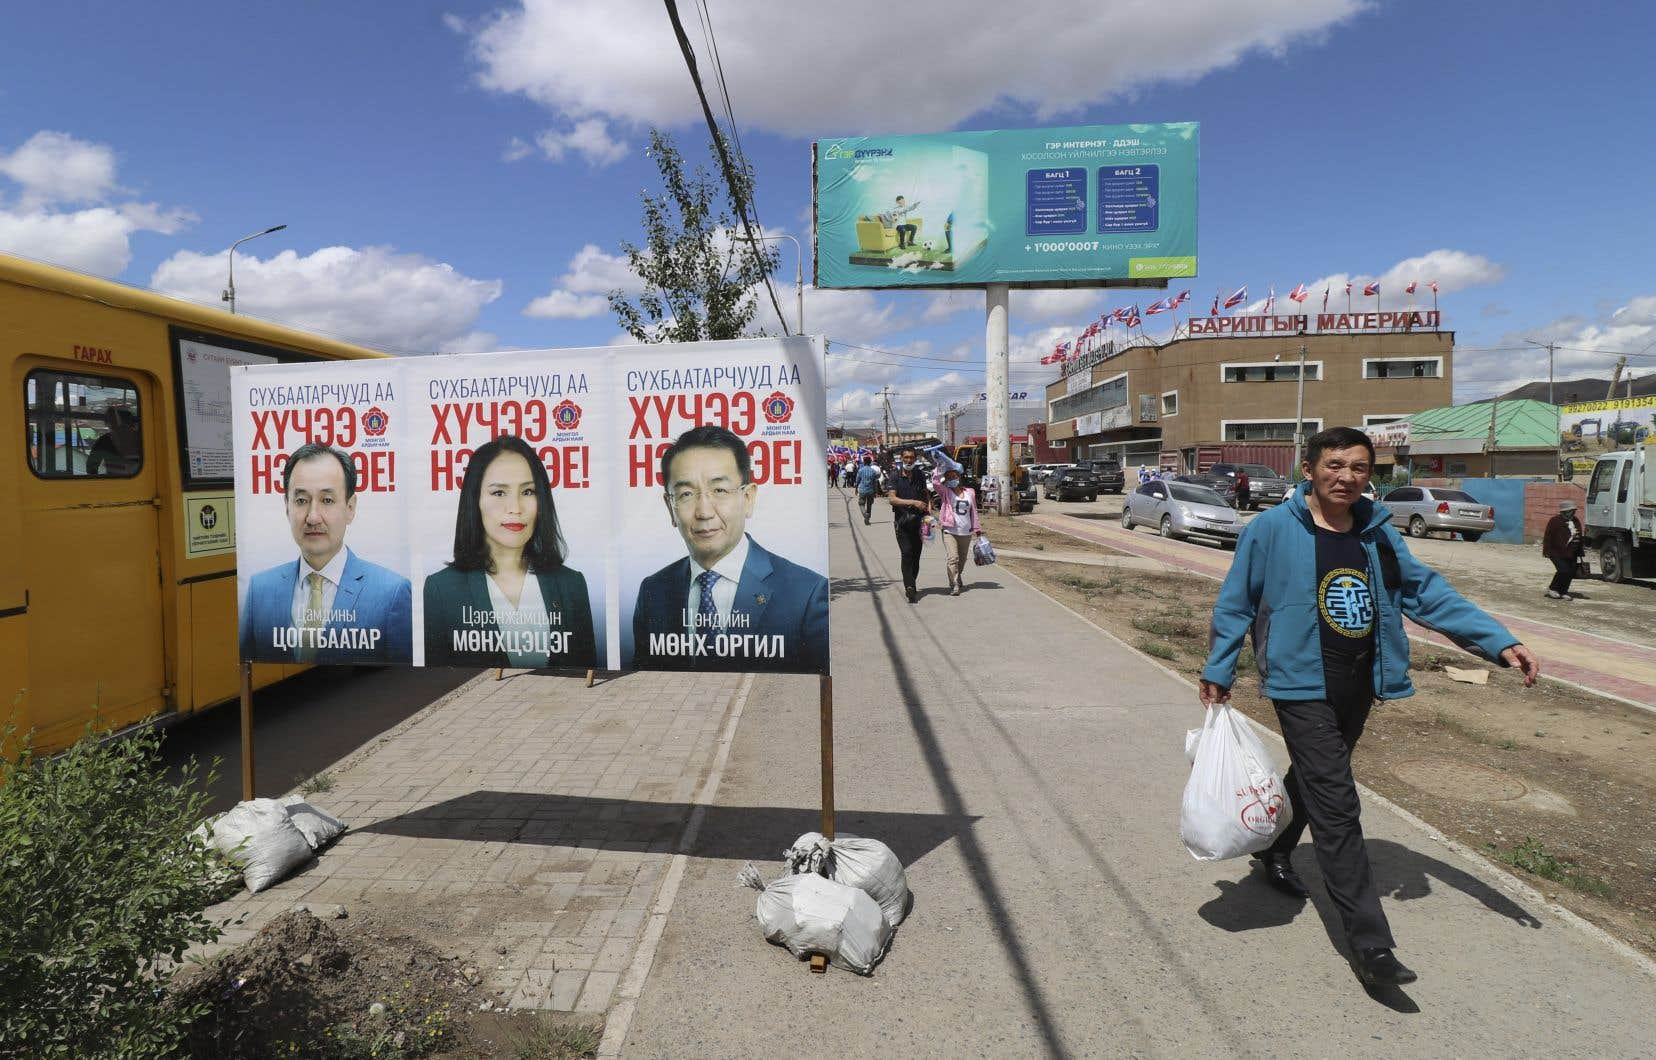 10cas de peste bubonique ayant entraîné deux décès auraient été enregistrés récemment à Oulan-Bator, la capitale de la Mongolie.